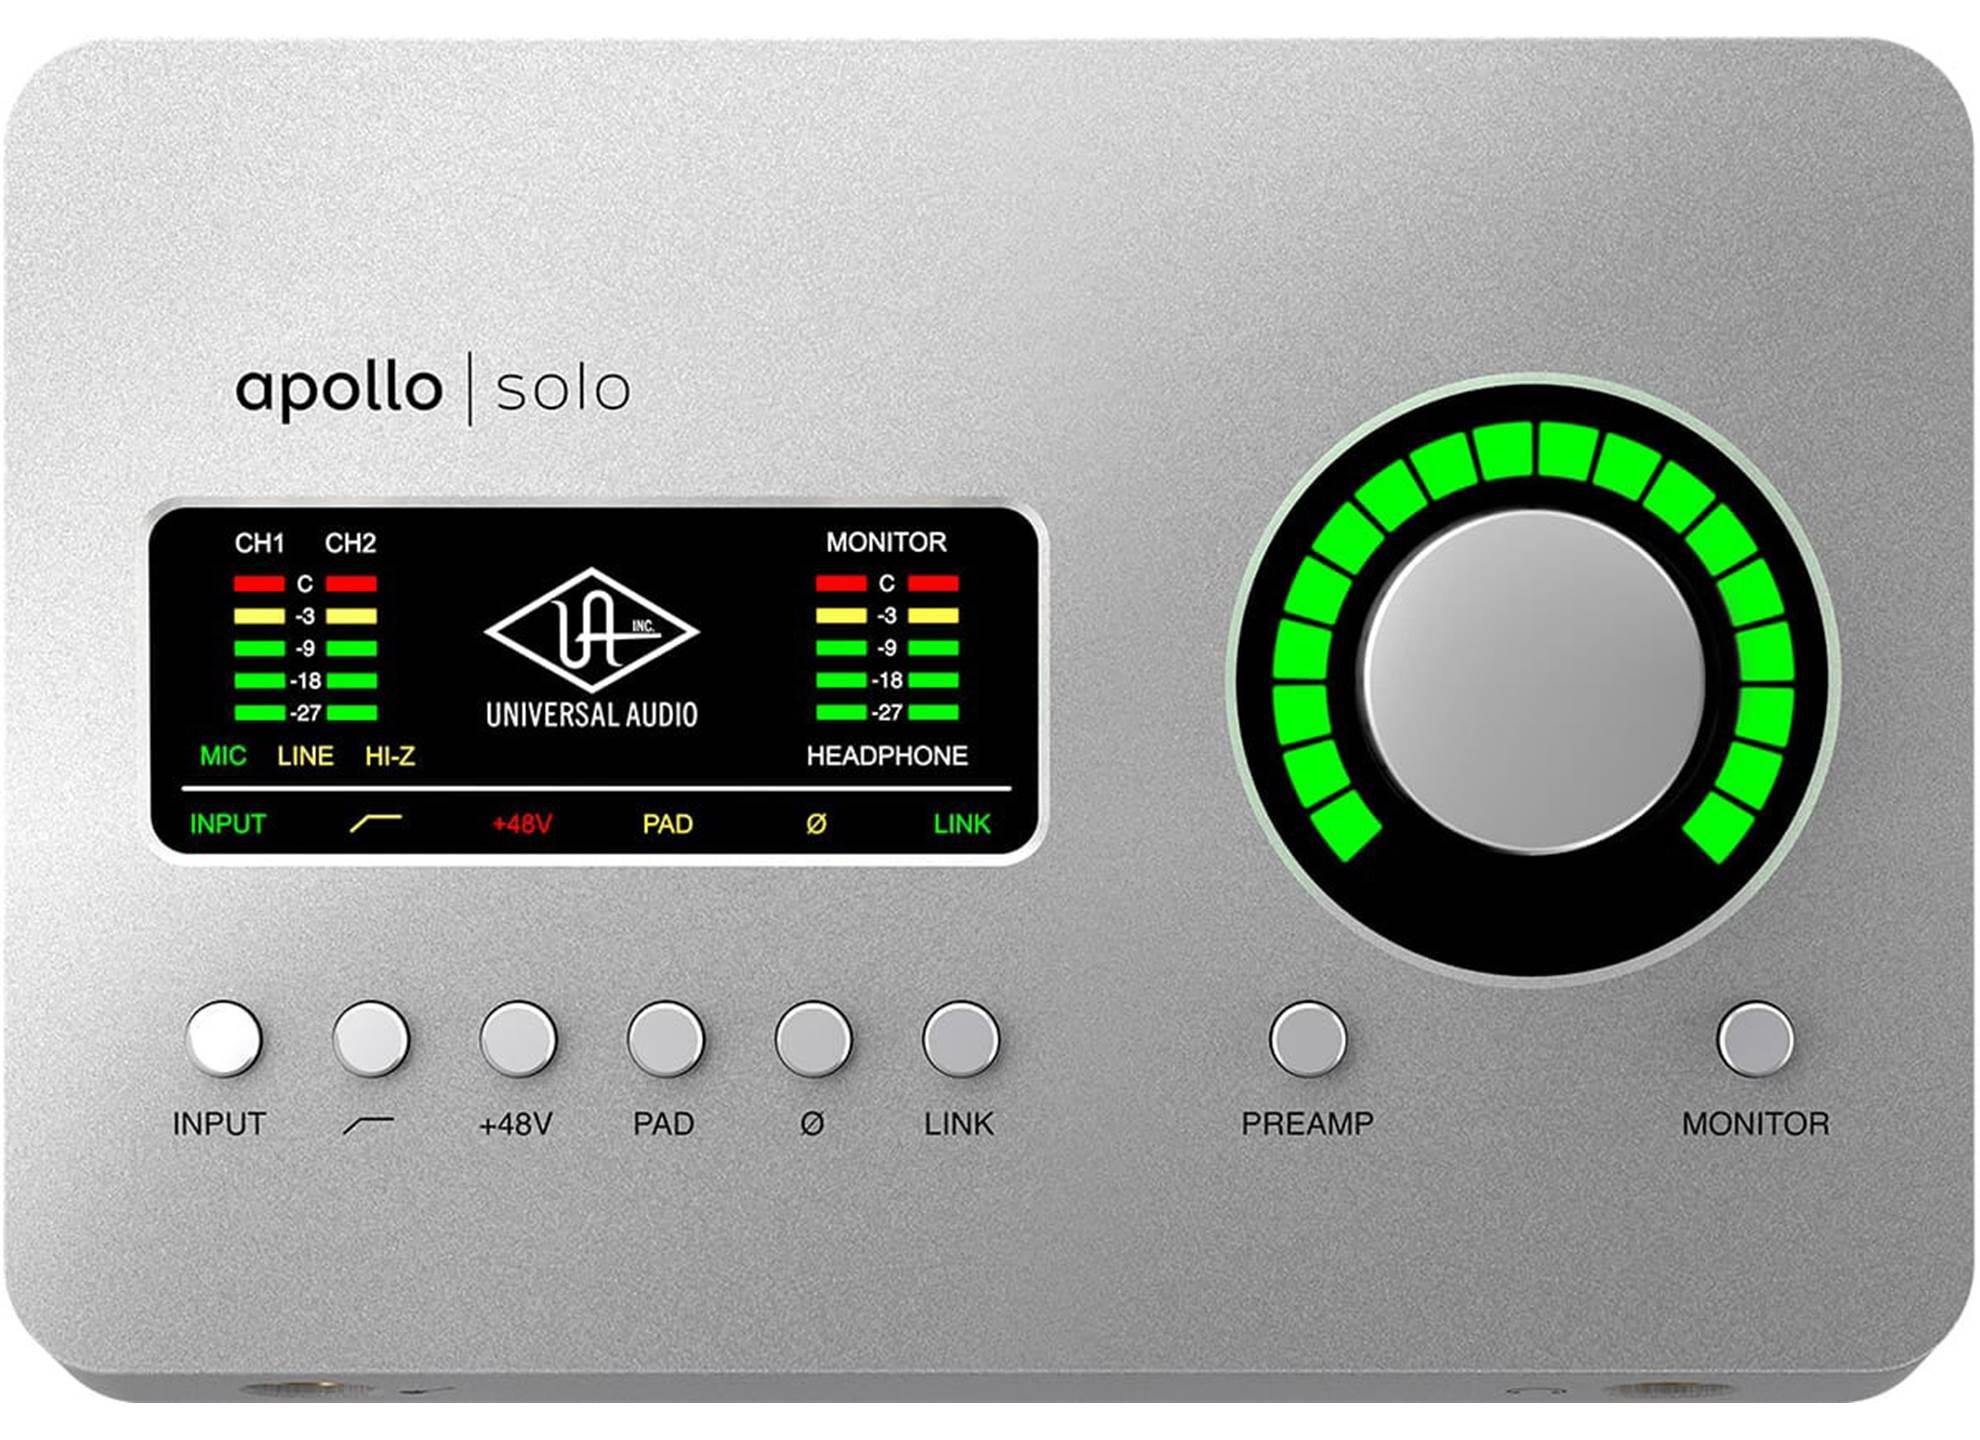 Apollo Solo Heritage Edition